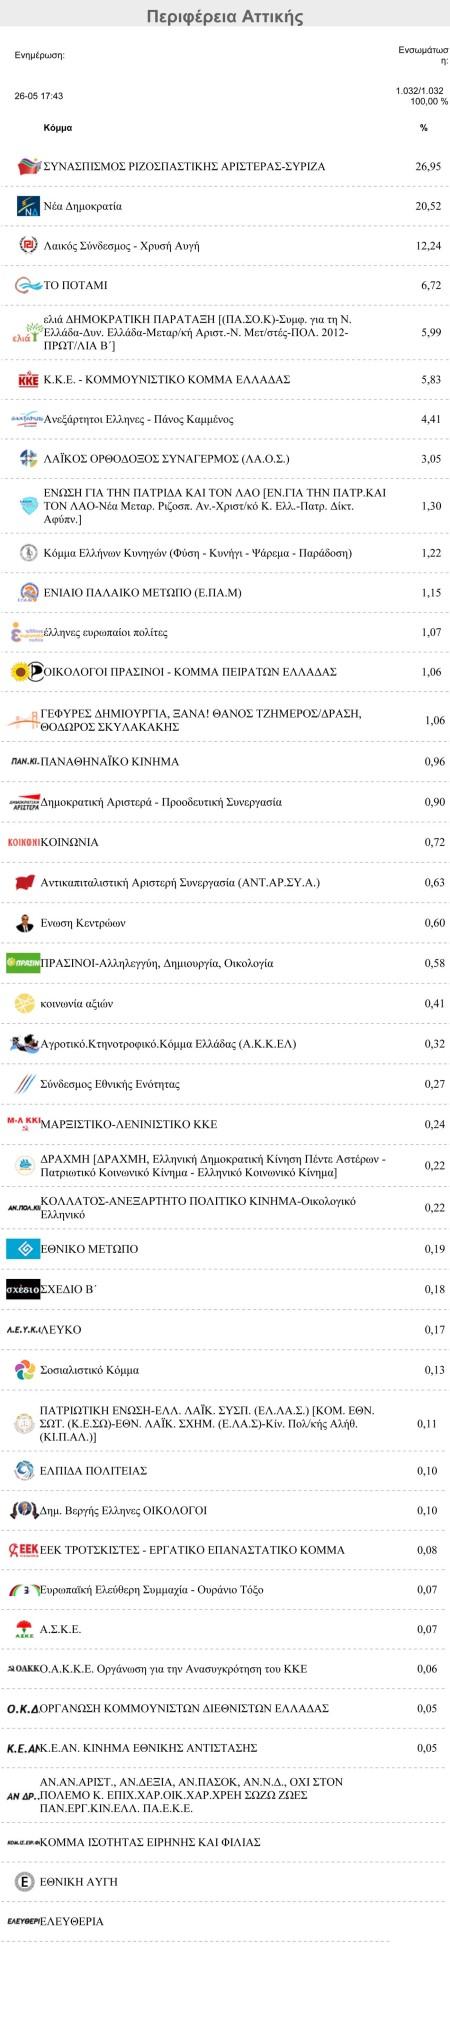 Αποτελέσματα Ευρωεκλογών Περιφέρεια Αττικής